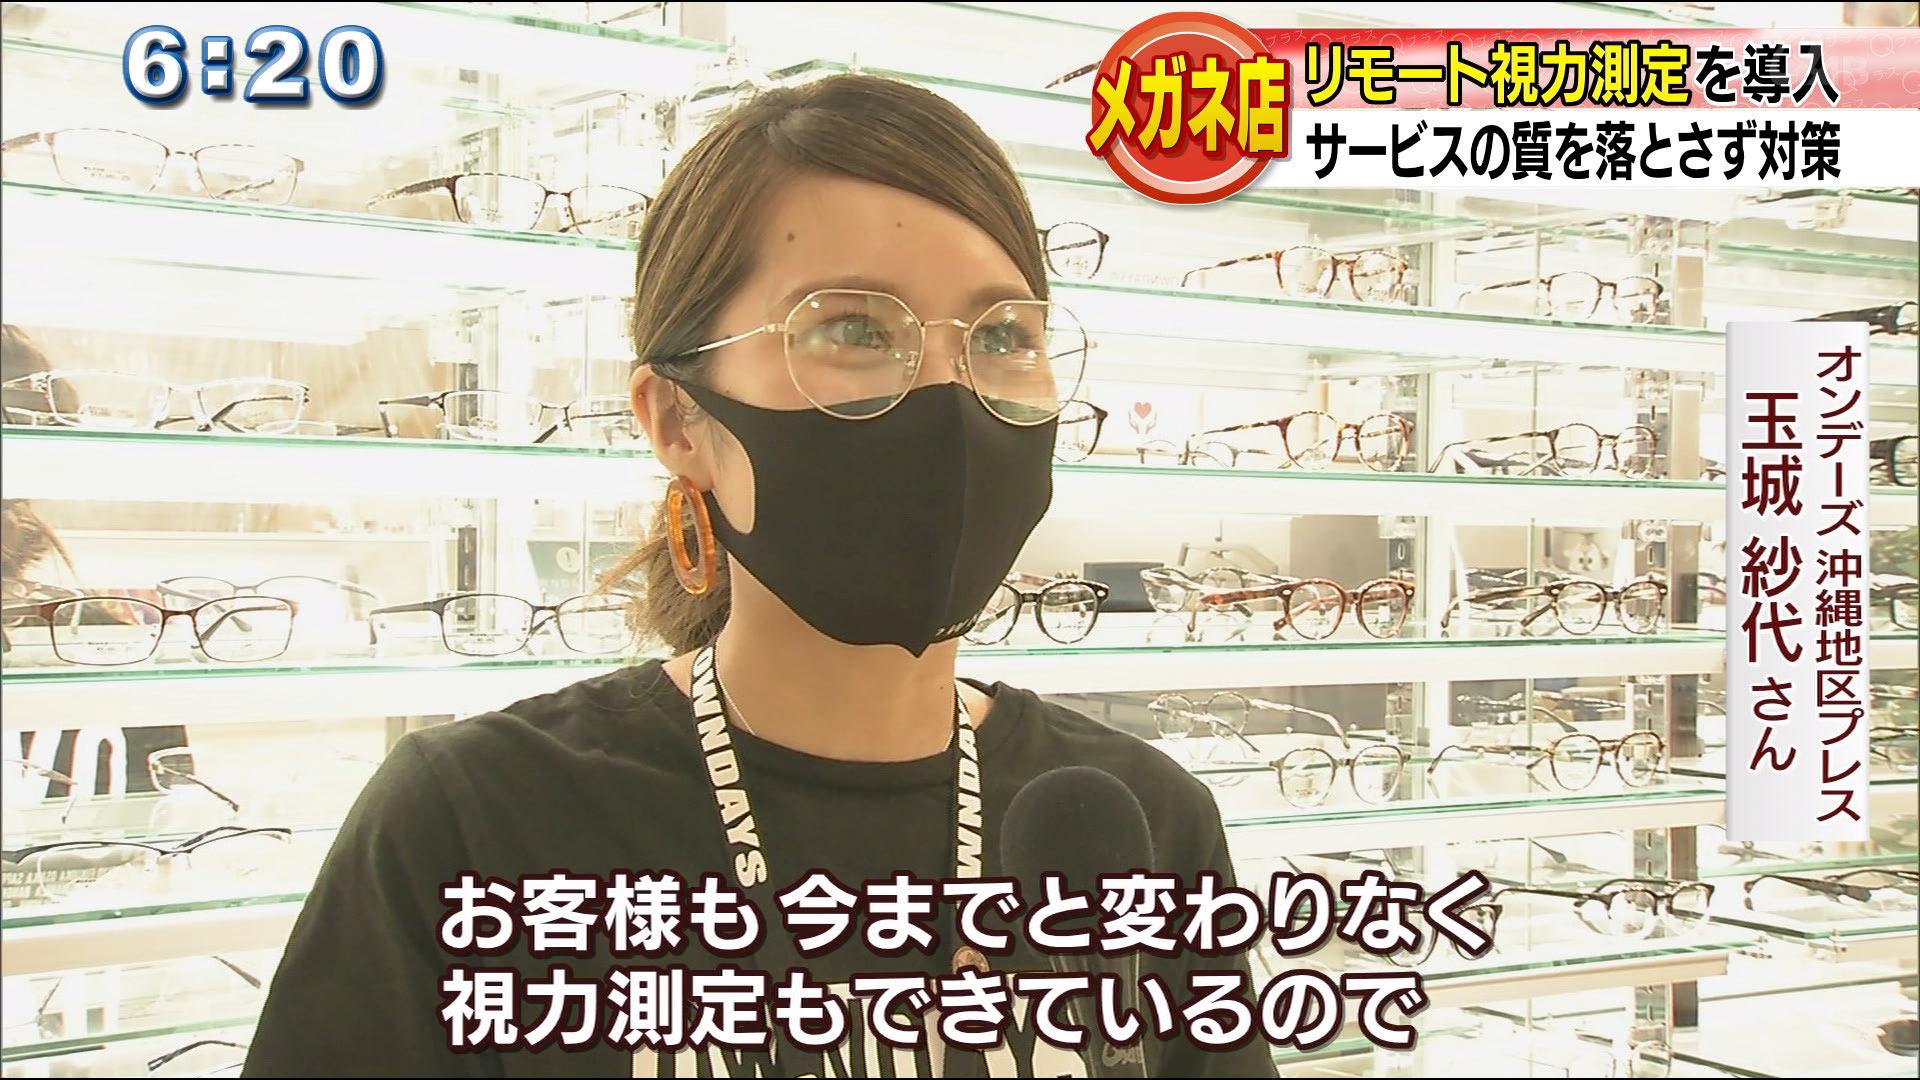 沖縄 オンデーズ